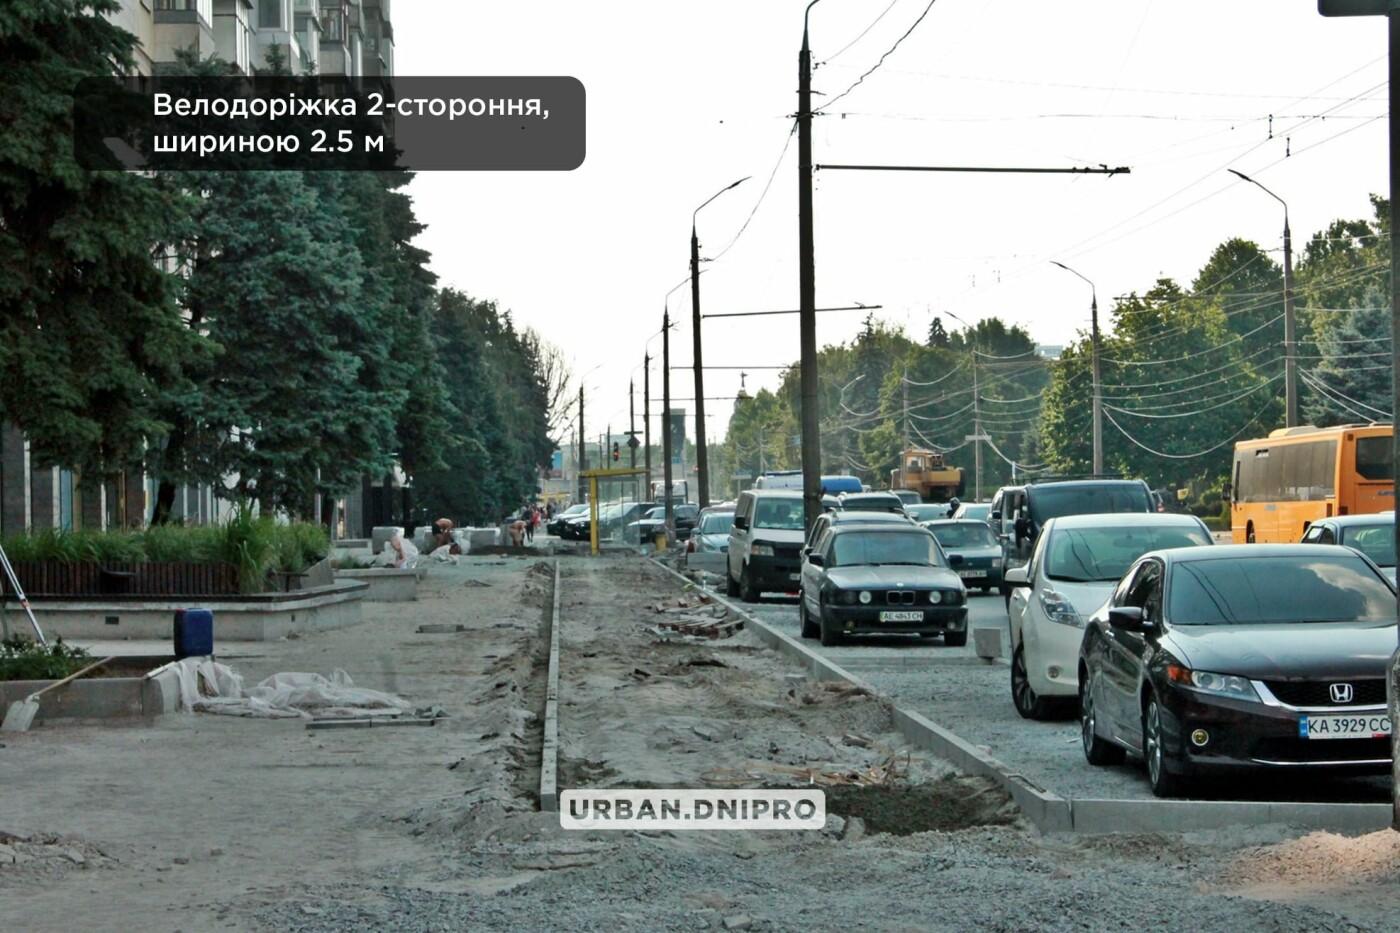 Новая парковка и велодорожка: в Днепре меняется набережная, - ФОТО, фото-4